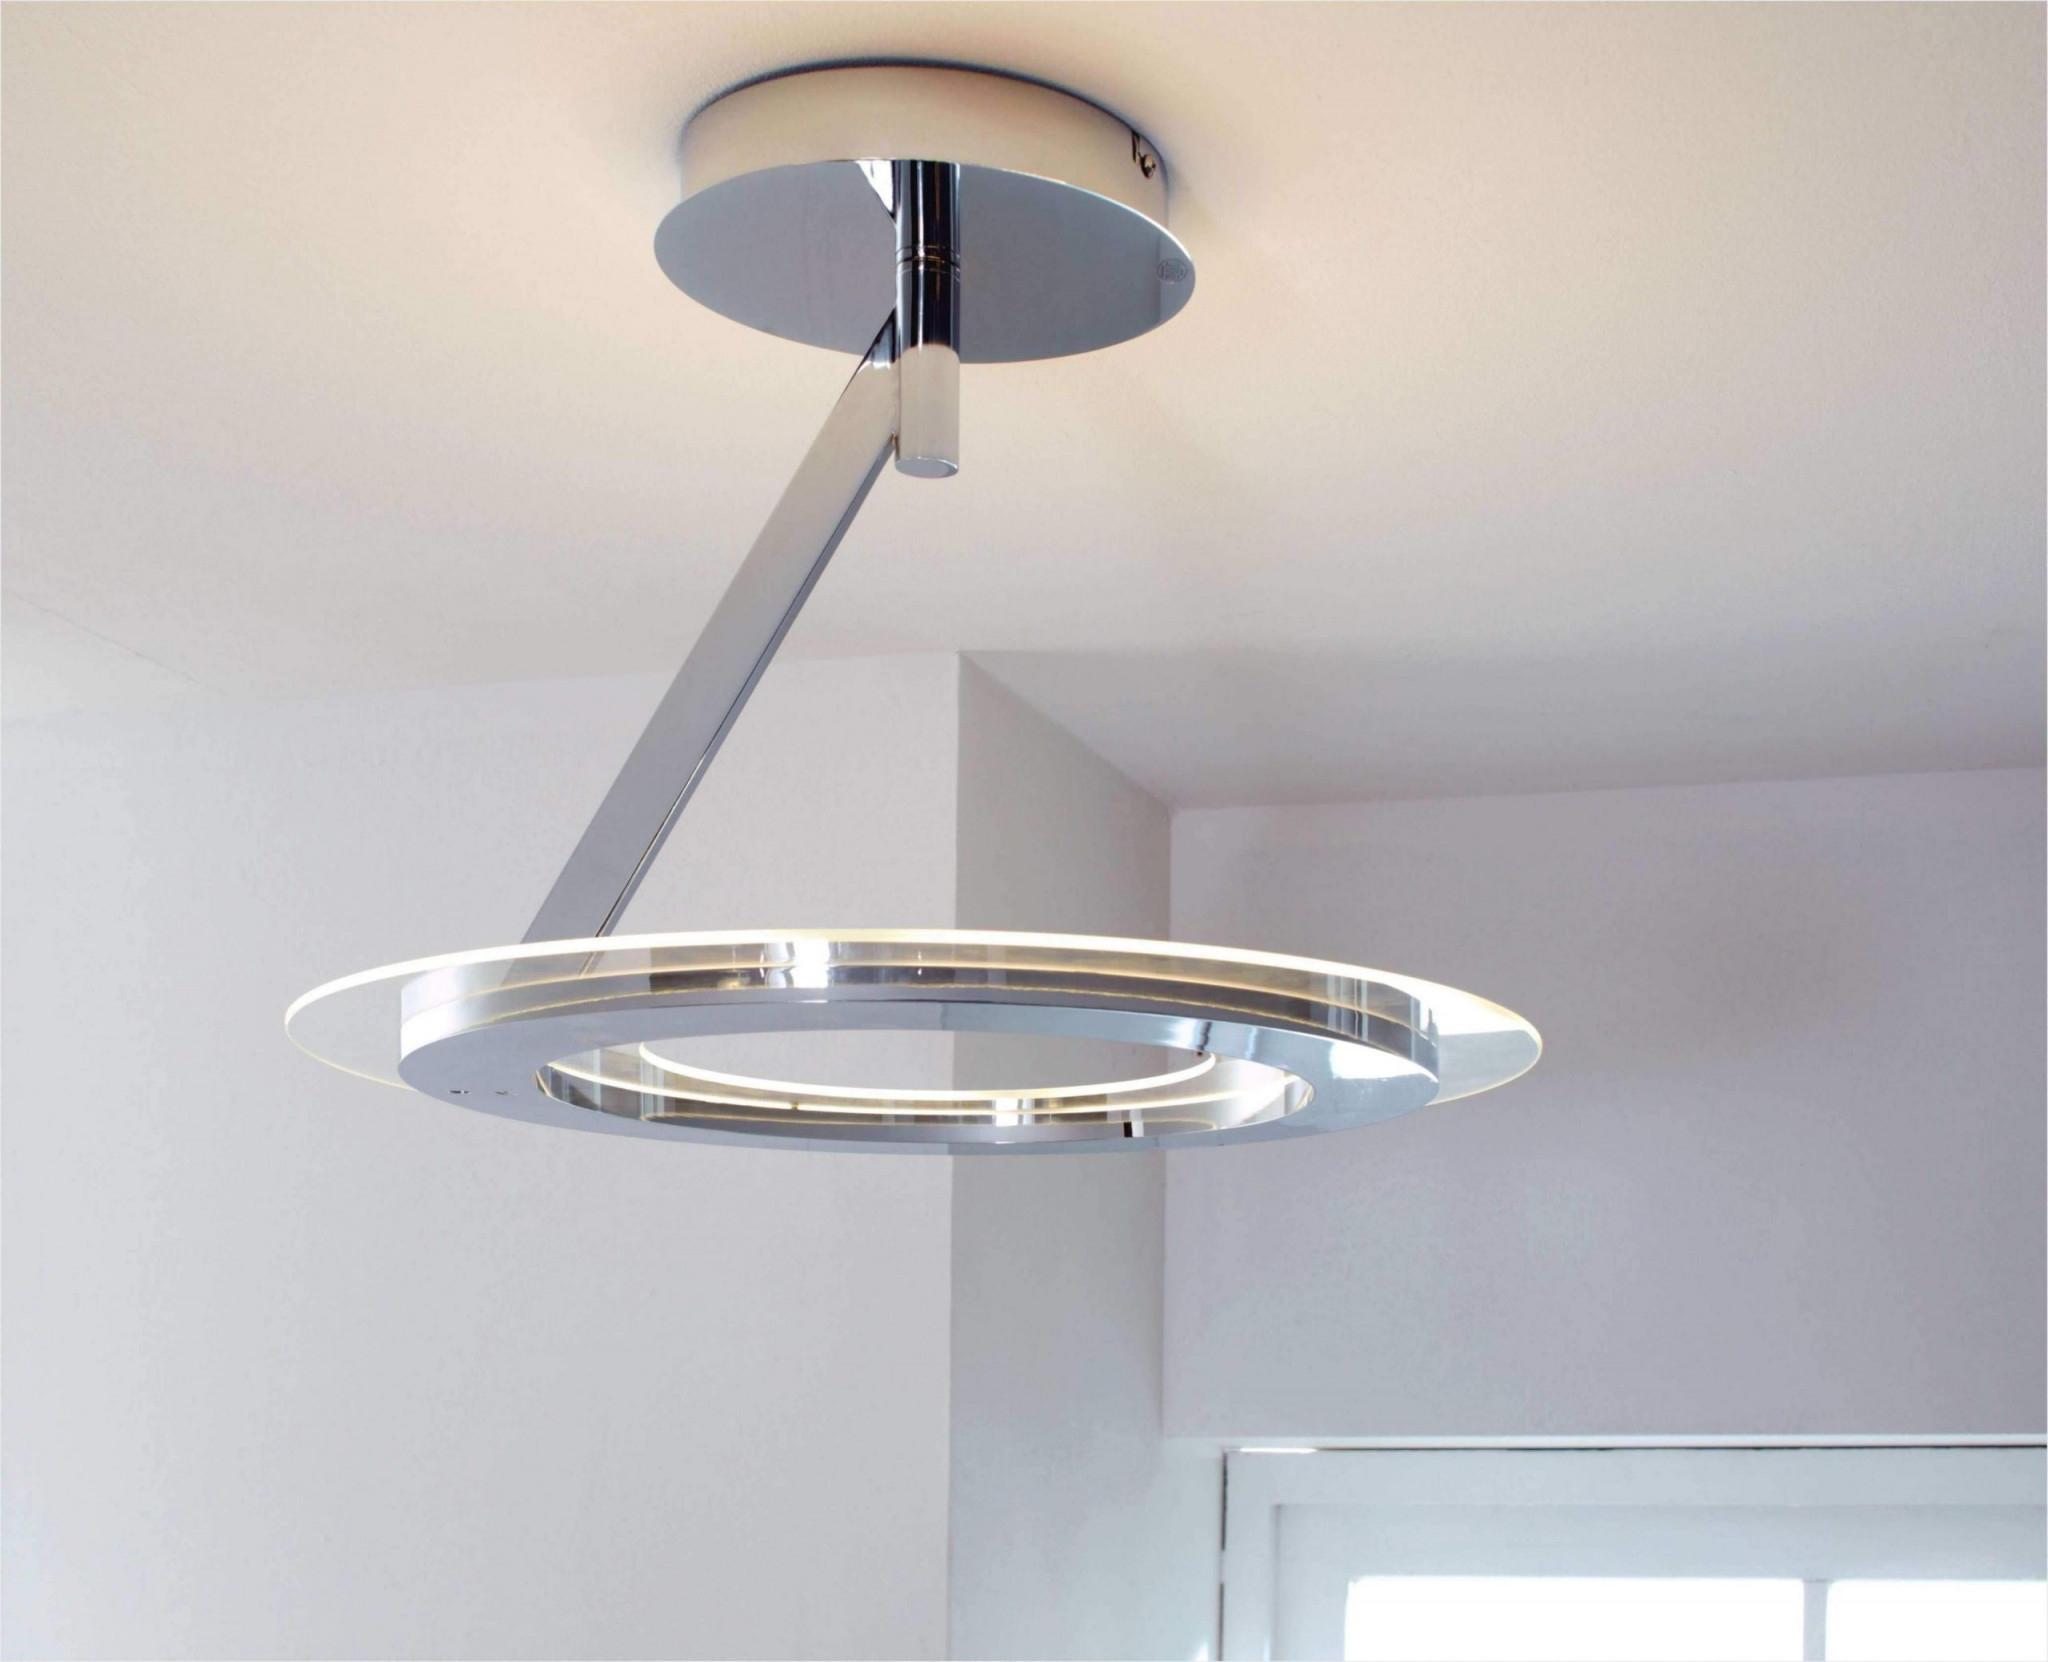 Deckenlampe Wohnzimmer von Led Deckenleuchte Dimmbar Wohnzimmer Bild